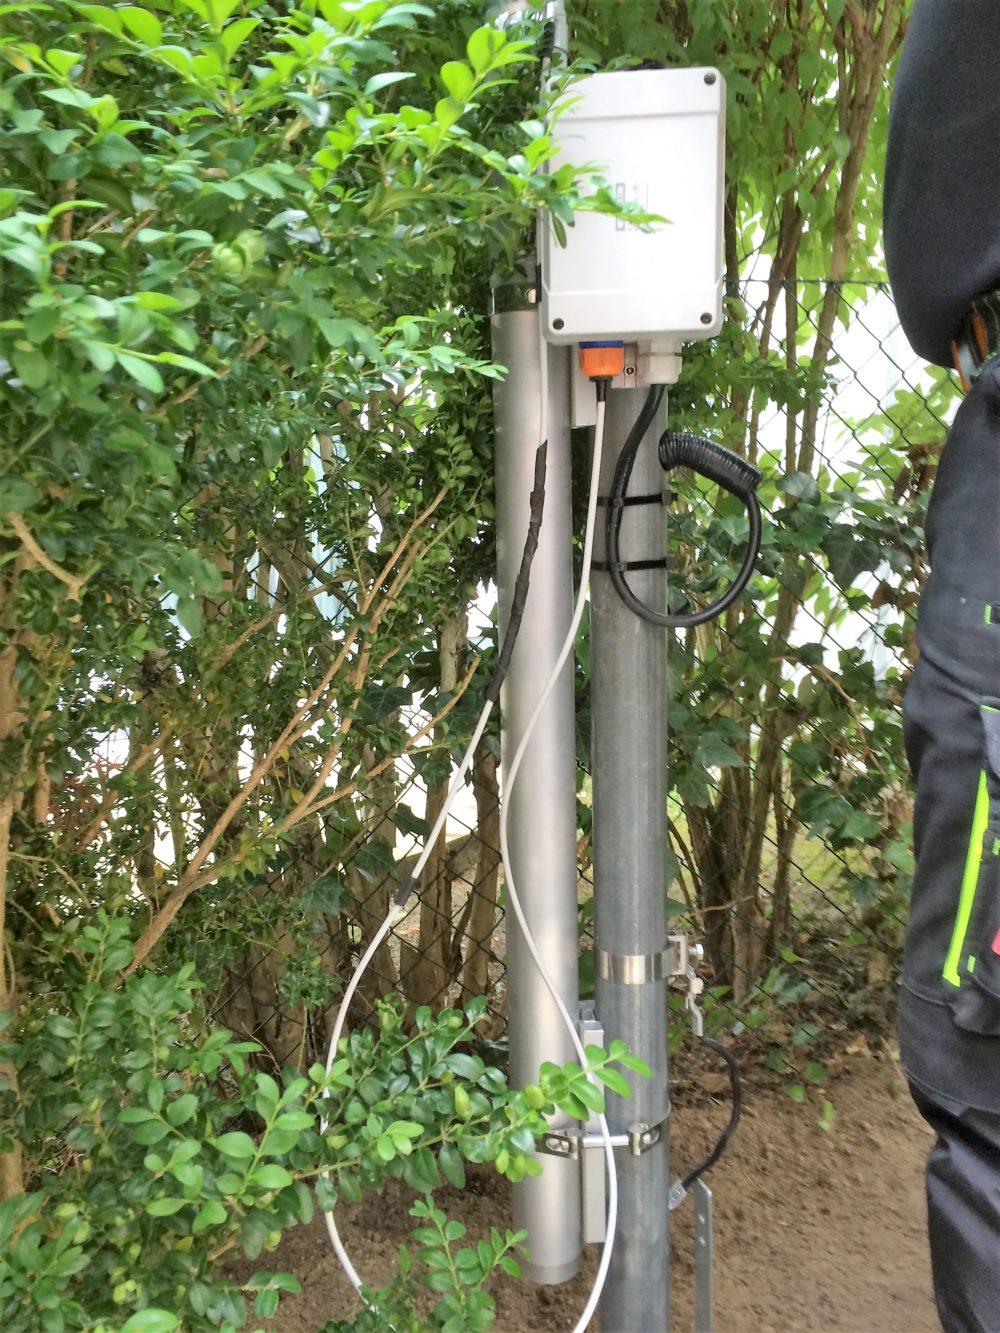 Verbesserter Mobilfunkempfang mit einer Außenantenne – Teil II